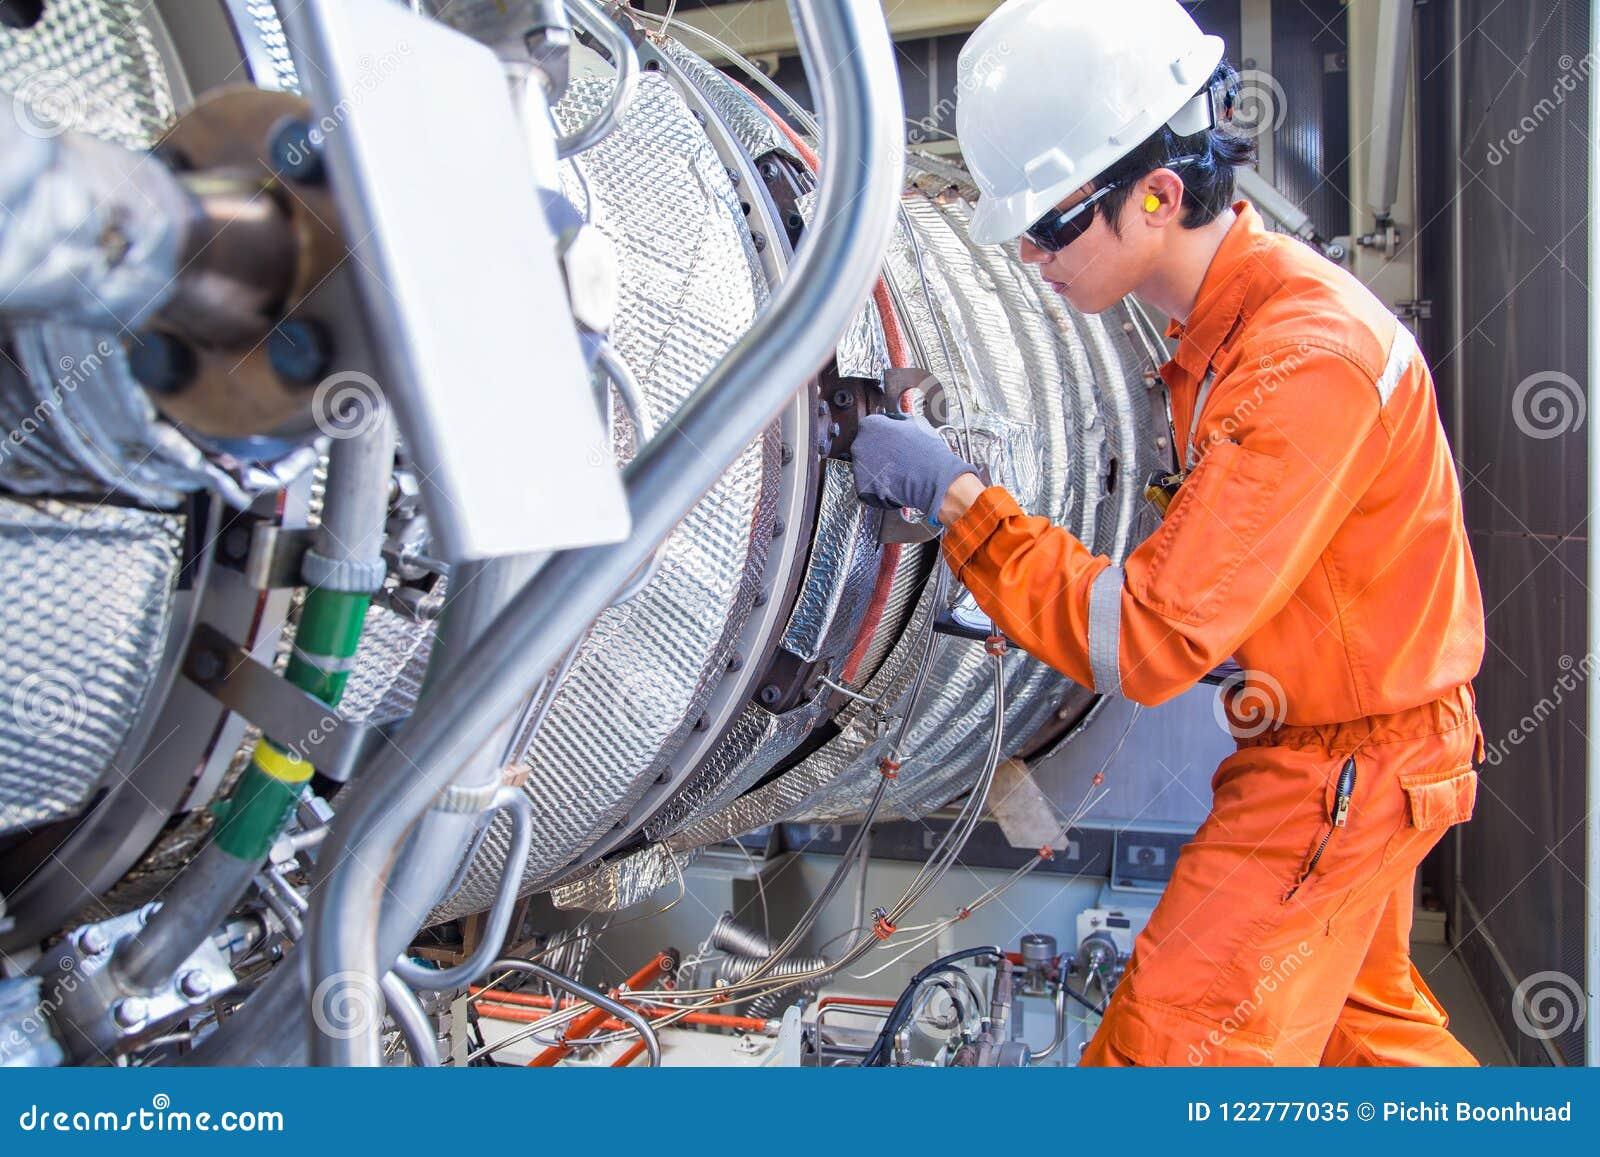 佩带个体防护用品的涡轮工程师检查汽轮机引擎在近海油和煤气中央平台